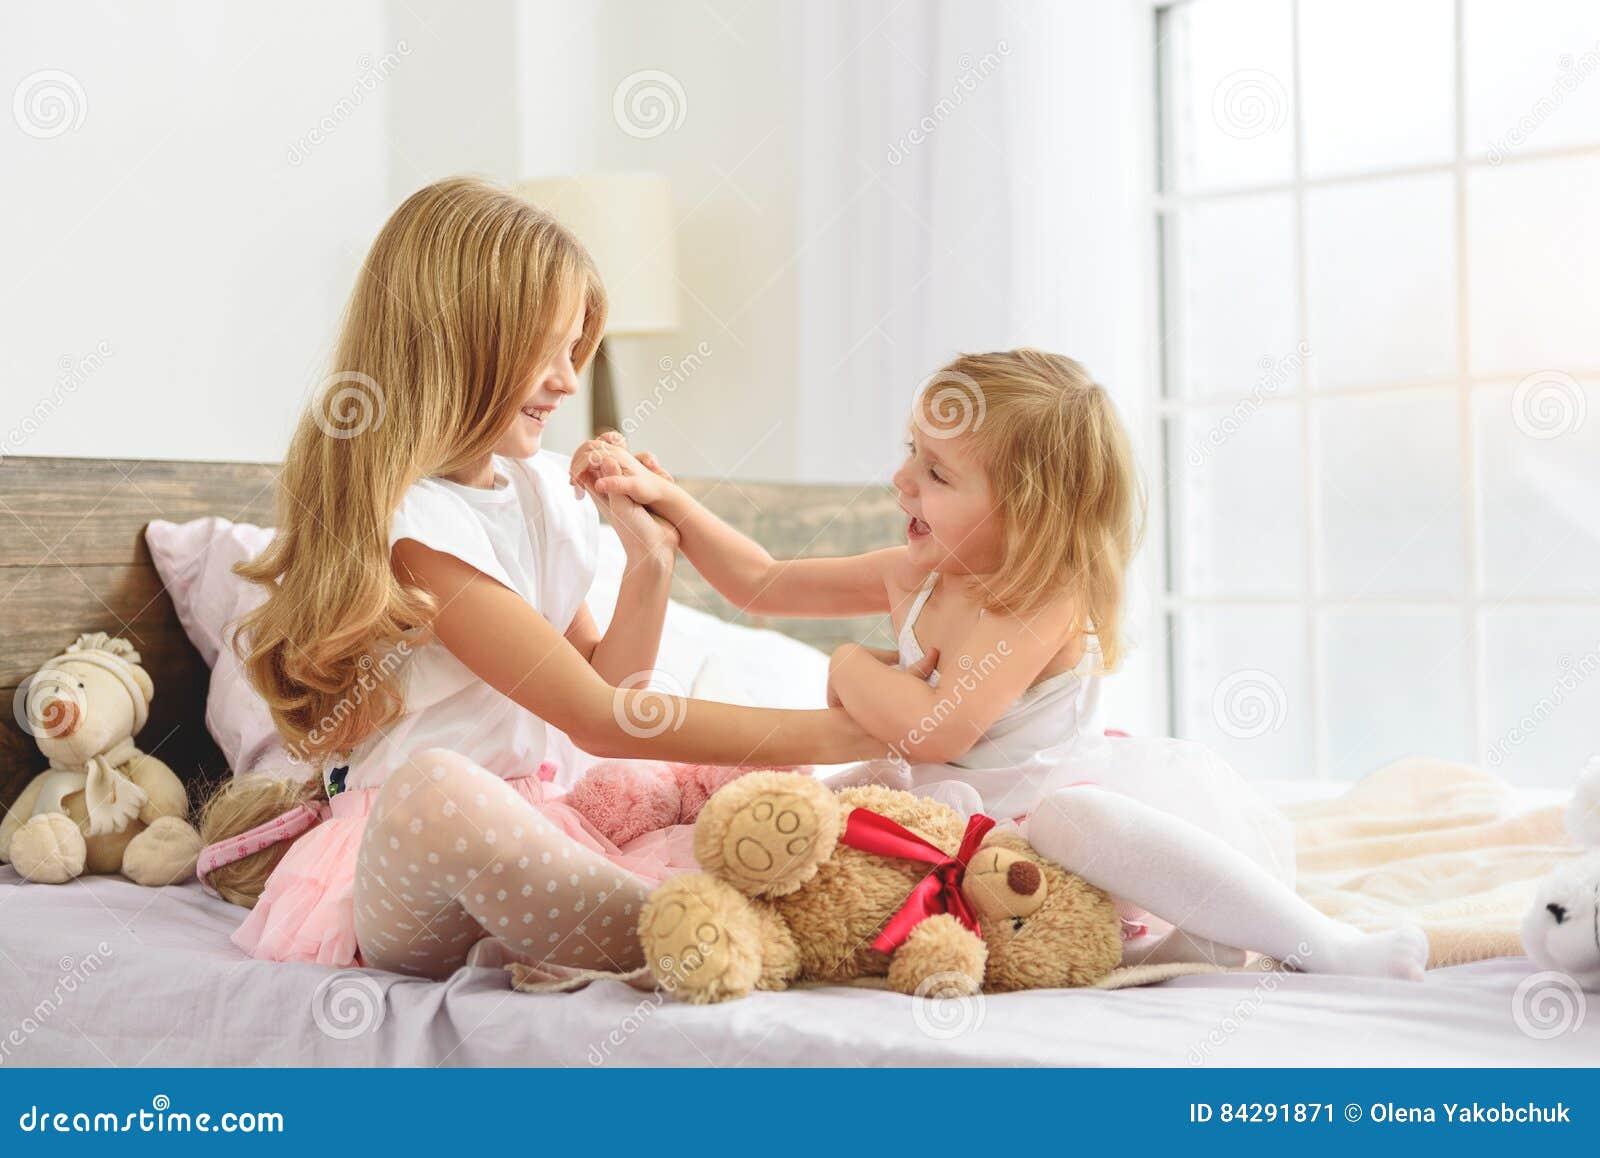 Mooie meisjes die samen in slaapkamer spelen stock foto afbeelding 84291871 - Slaapkamer meisje jongen samen ...